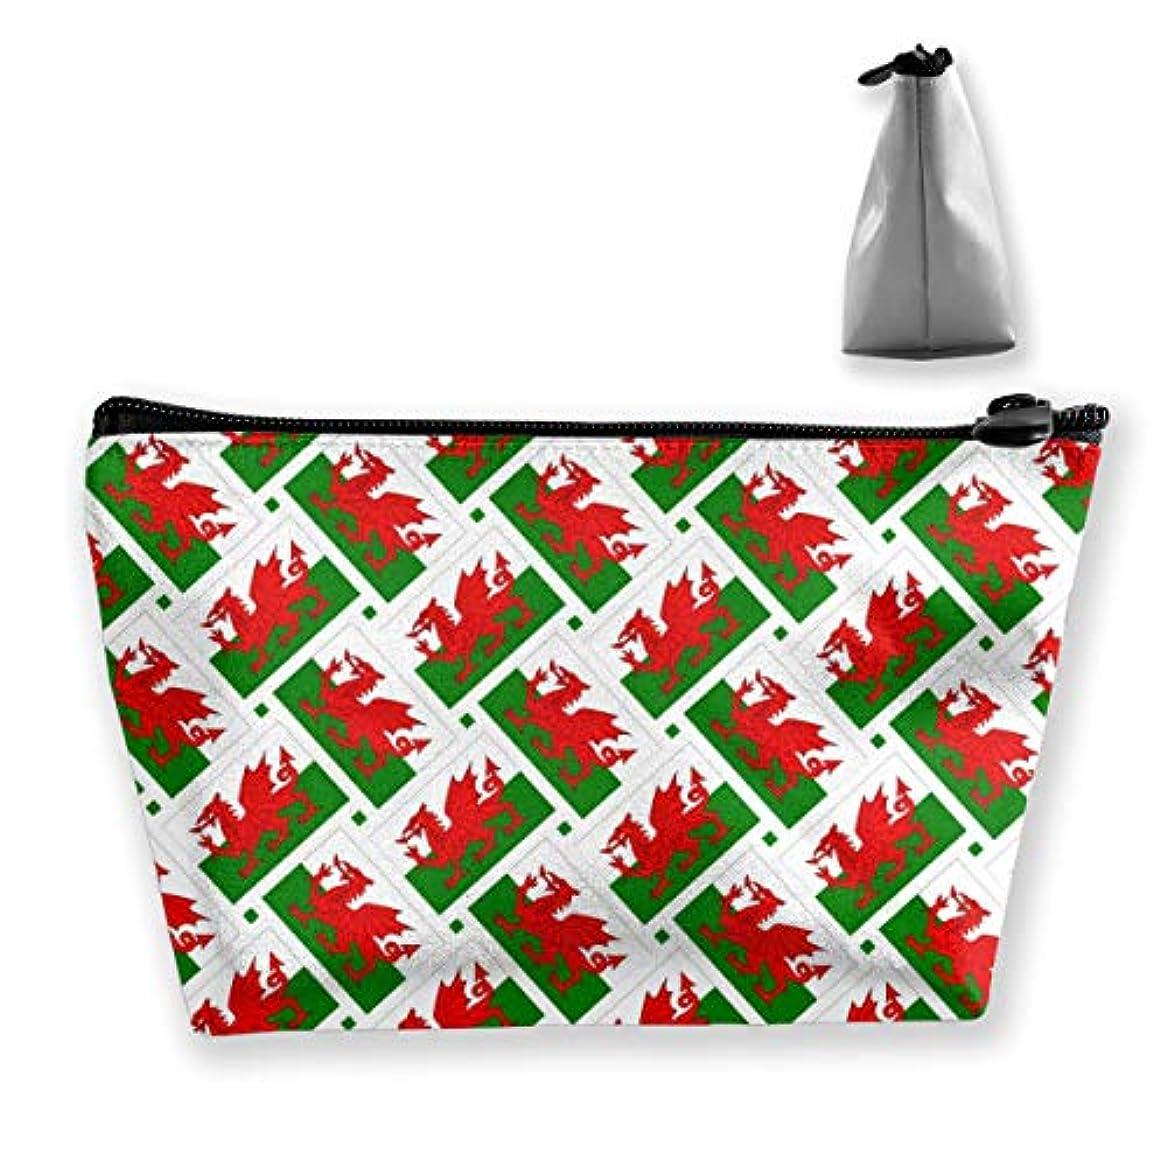 どこ債権者粘性のウェールズの旗 化粧ポーチ メイクポーチ ミニ 財布 機能的 大容量 ポータブル 収納 小物入れ 普段使い 出張 旅行 ビーチサイド旅行